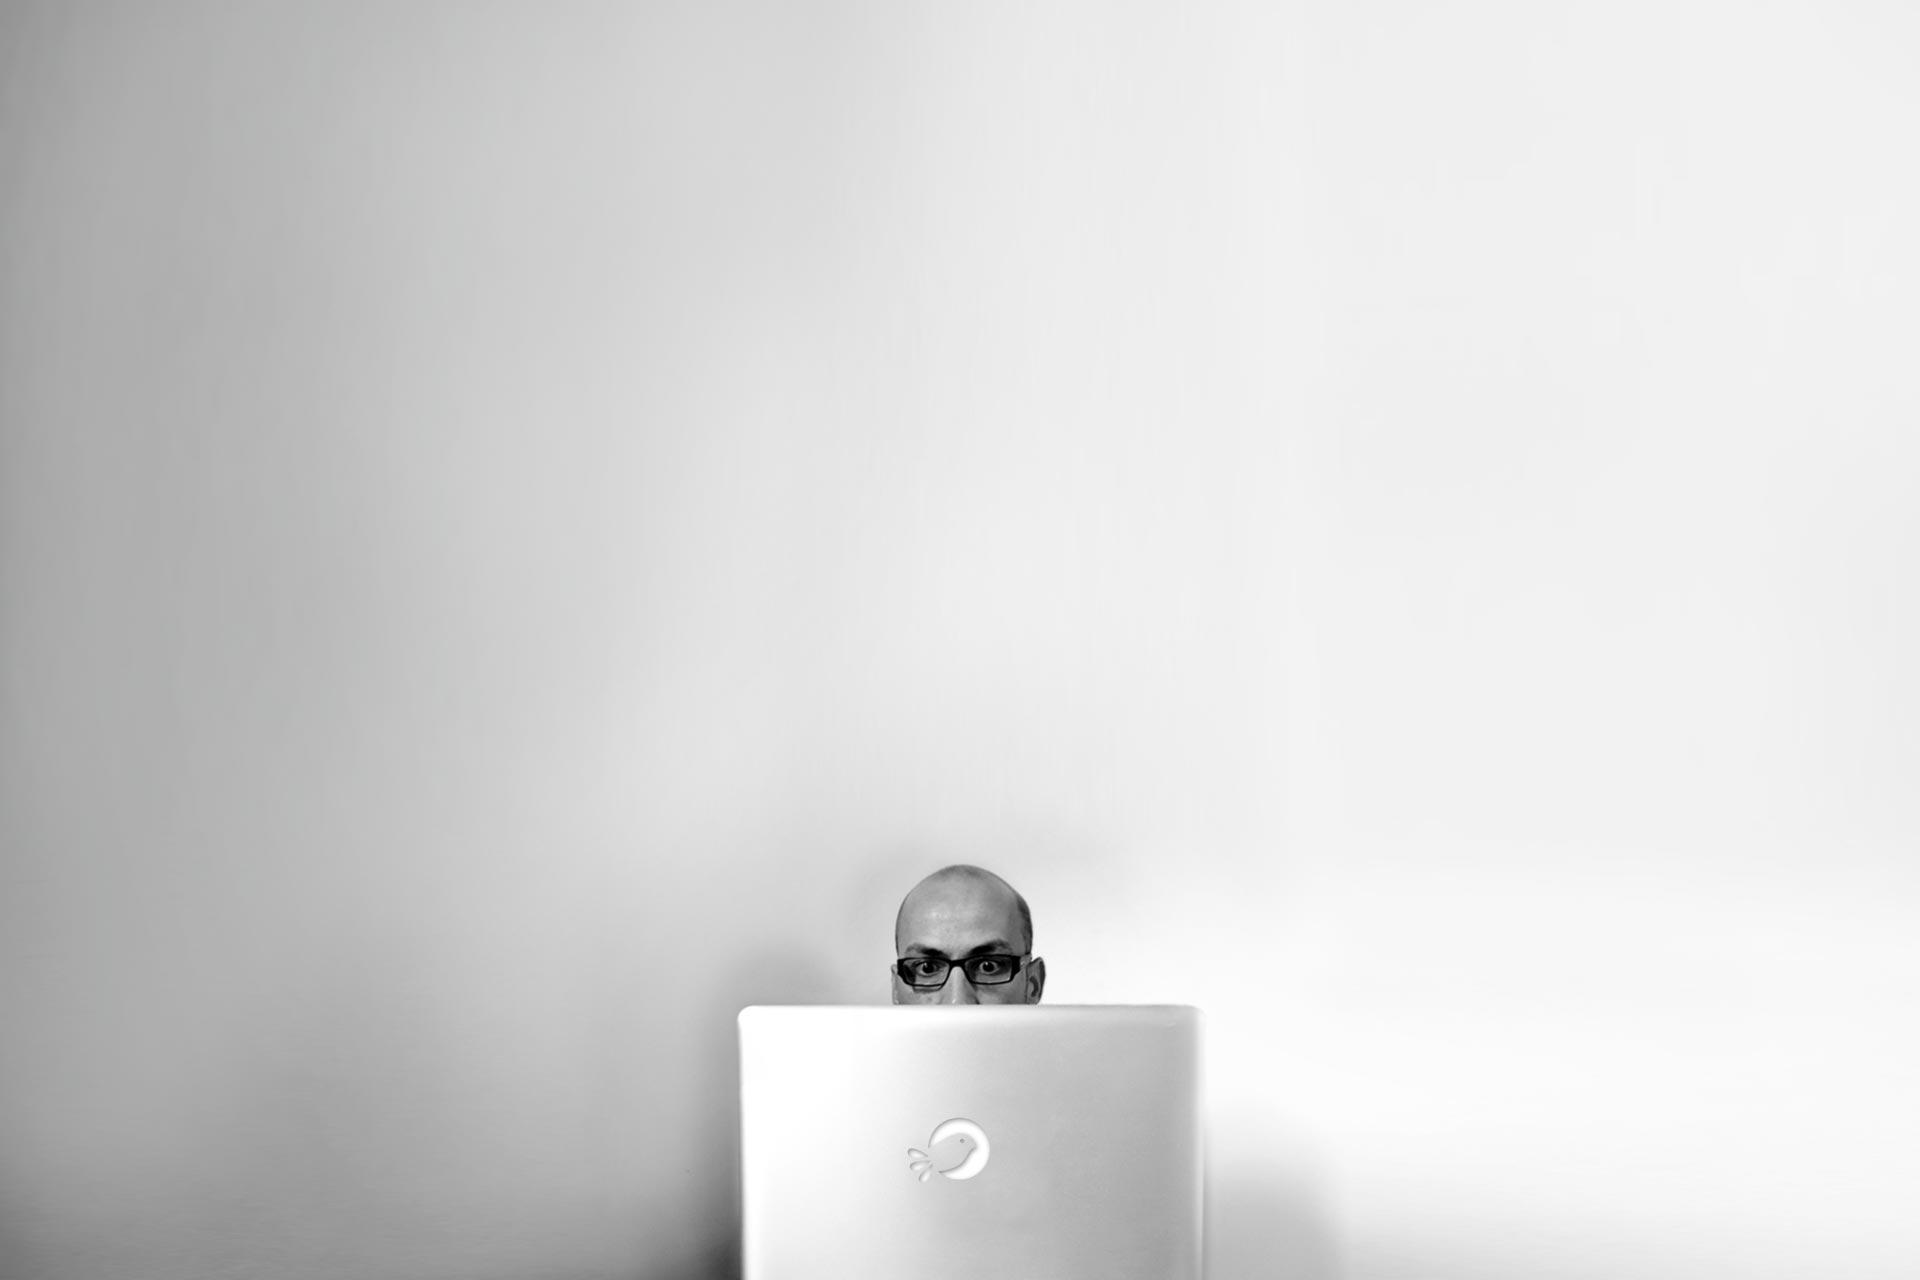 Michaël Petit, graphiste de Petit(à)Petit est spécialisé dans la communication visuelle, print et web. Logos, affiches, flyers, cartes de visite, plaquettes, brochures, signalétique, sites internet Petit(à)Petit crée tout ce dont vous avez besoin pour votre communication. C'est en même temps une agence de communication, un graphiste, un directeur artistique, un webdesigner basé à Pornichet, Saint-Nazaire, Nantes, Loire Atlantique, France, île de la Réunion, Paris. J'utilise illustrator, photoshop et indesign ainsi que Adobe Première et Final cut pour le montage vidéo.